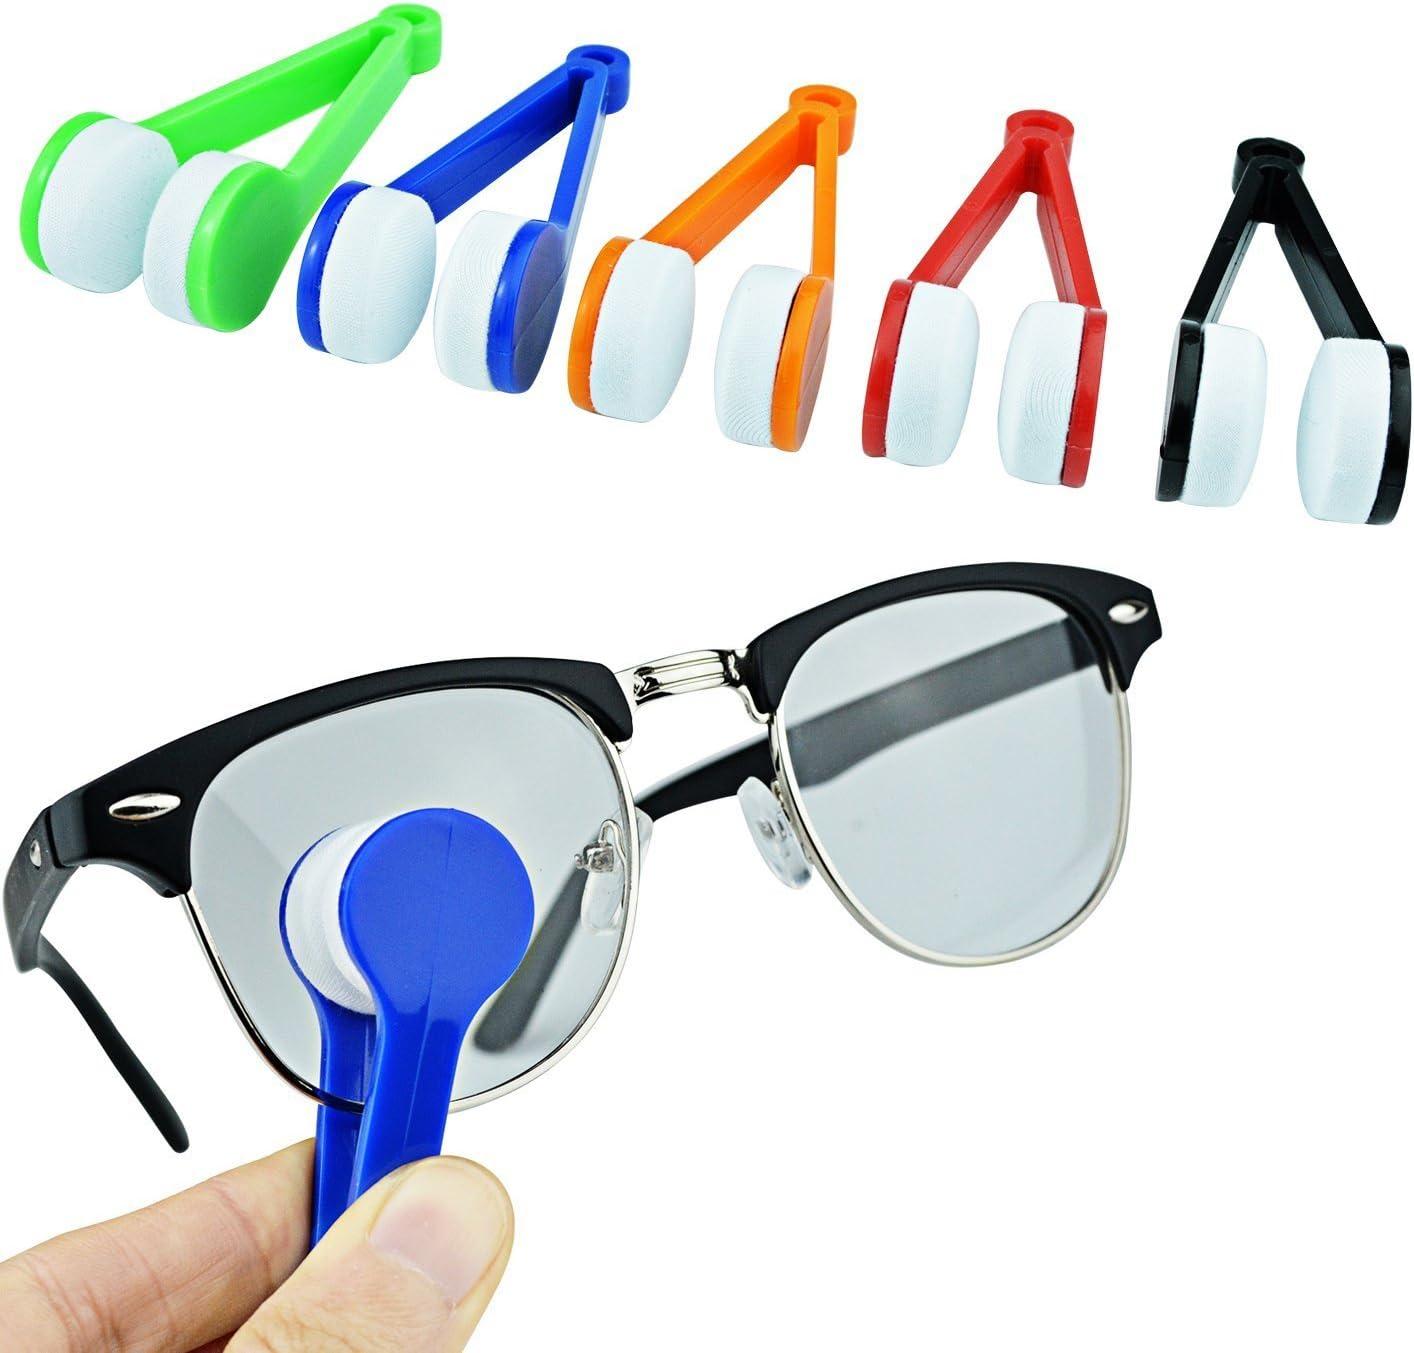 12 Mini Limpiadores de Anteojos